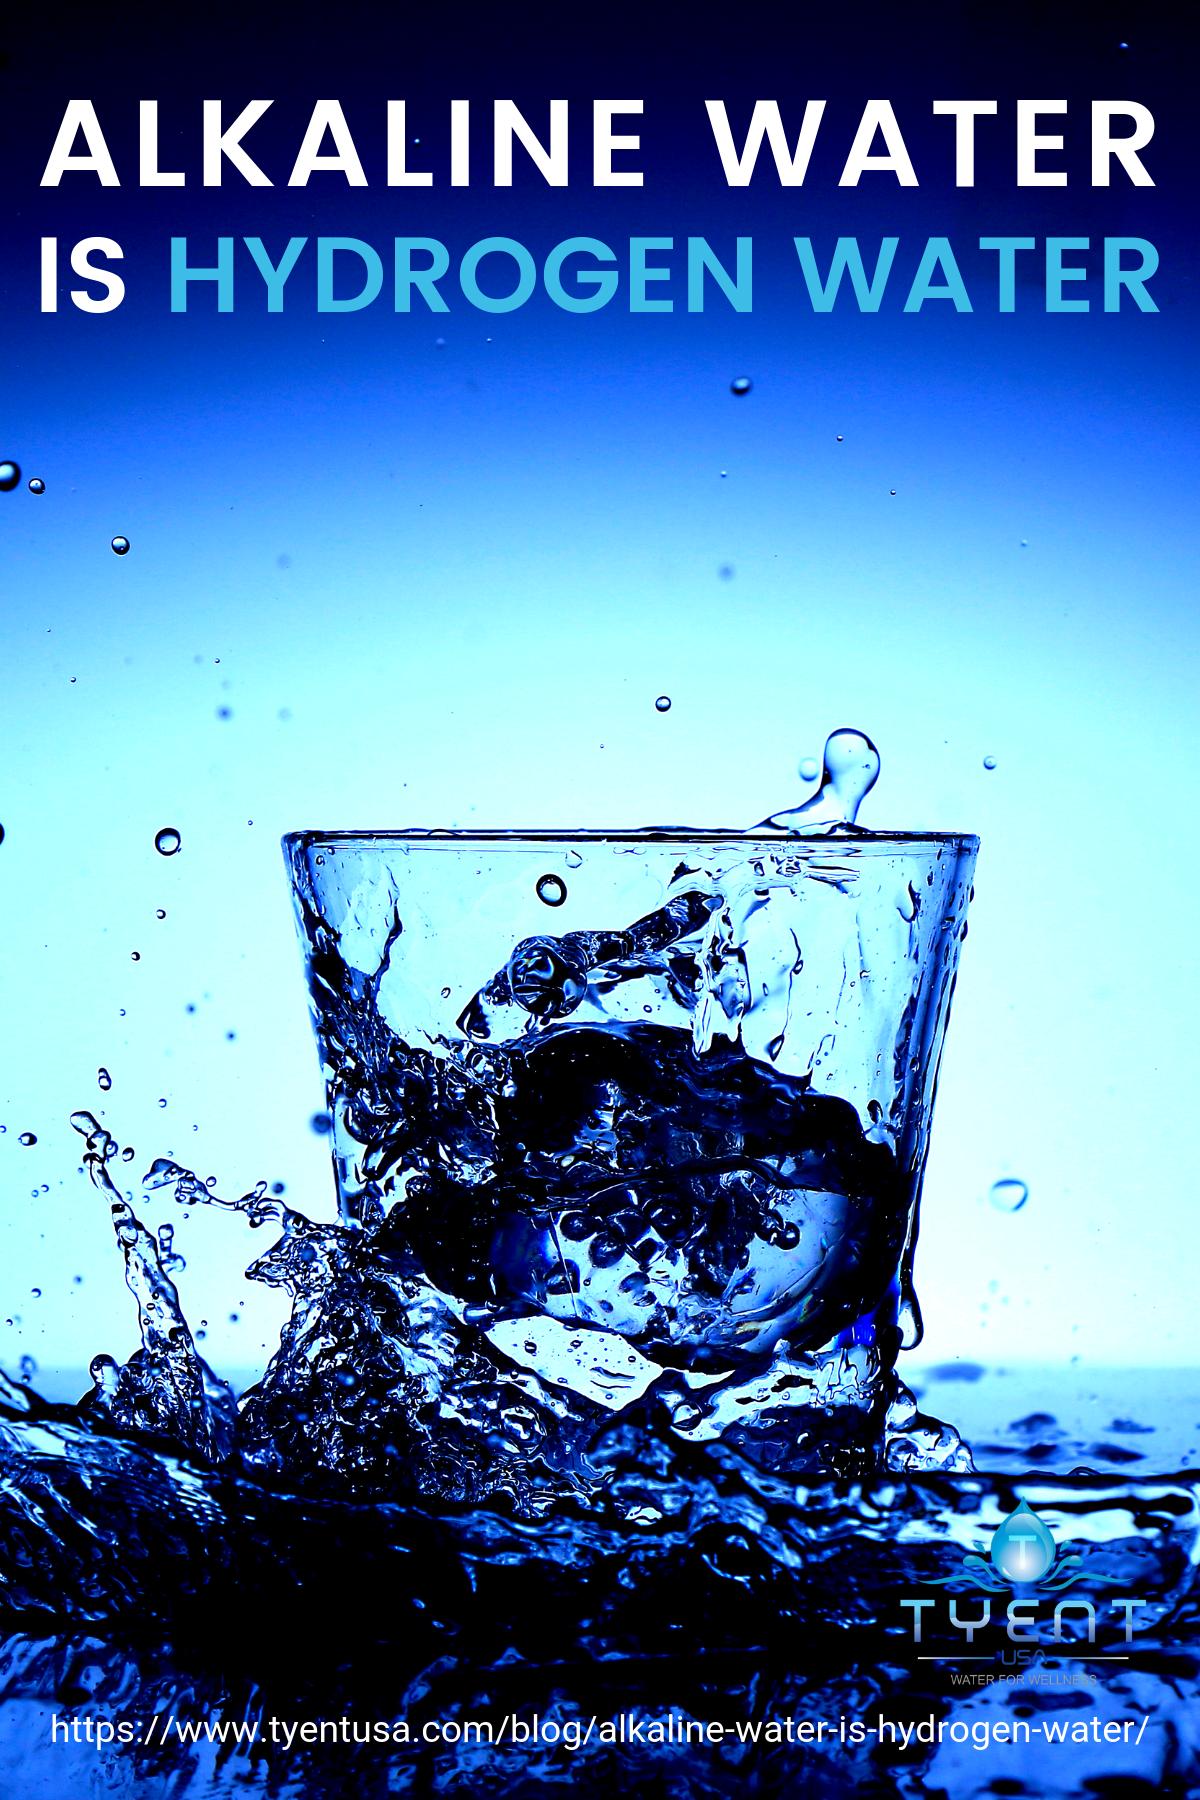 Alkaline Water is Hydrogen Water https://www.tyentusa.com/blog/alkaline-water-is-hydrogen-water/